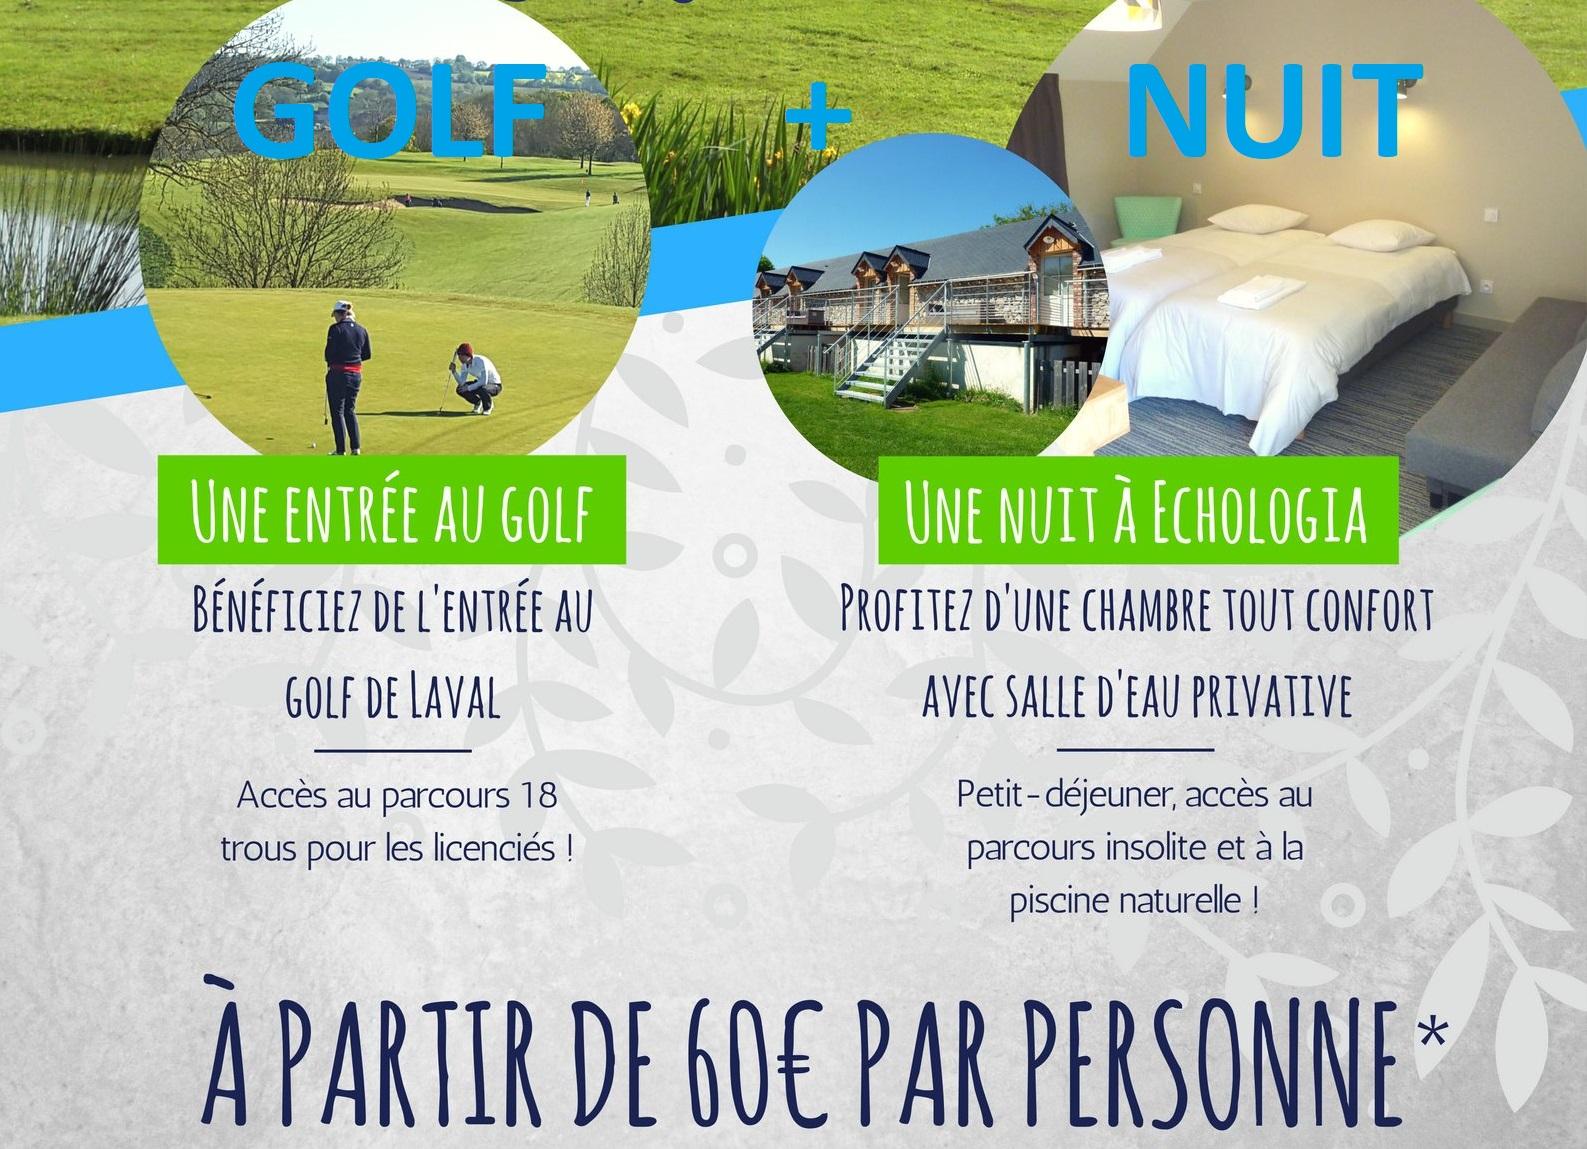 Package GOLF + NUIT en Chambre Chaufournière à partir de 60€/pers. !